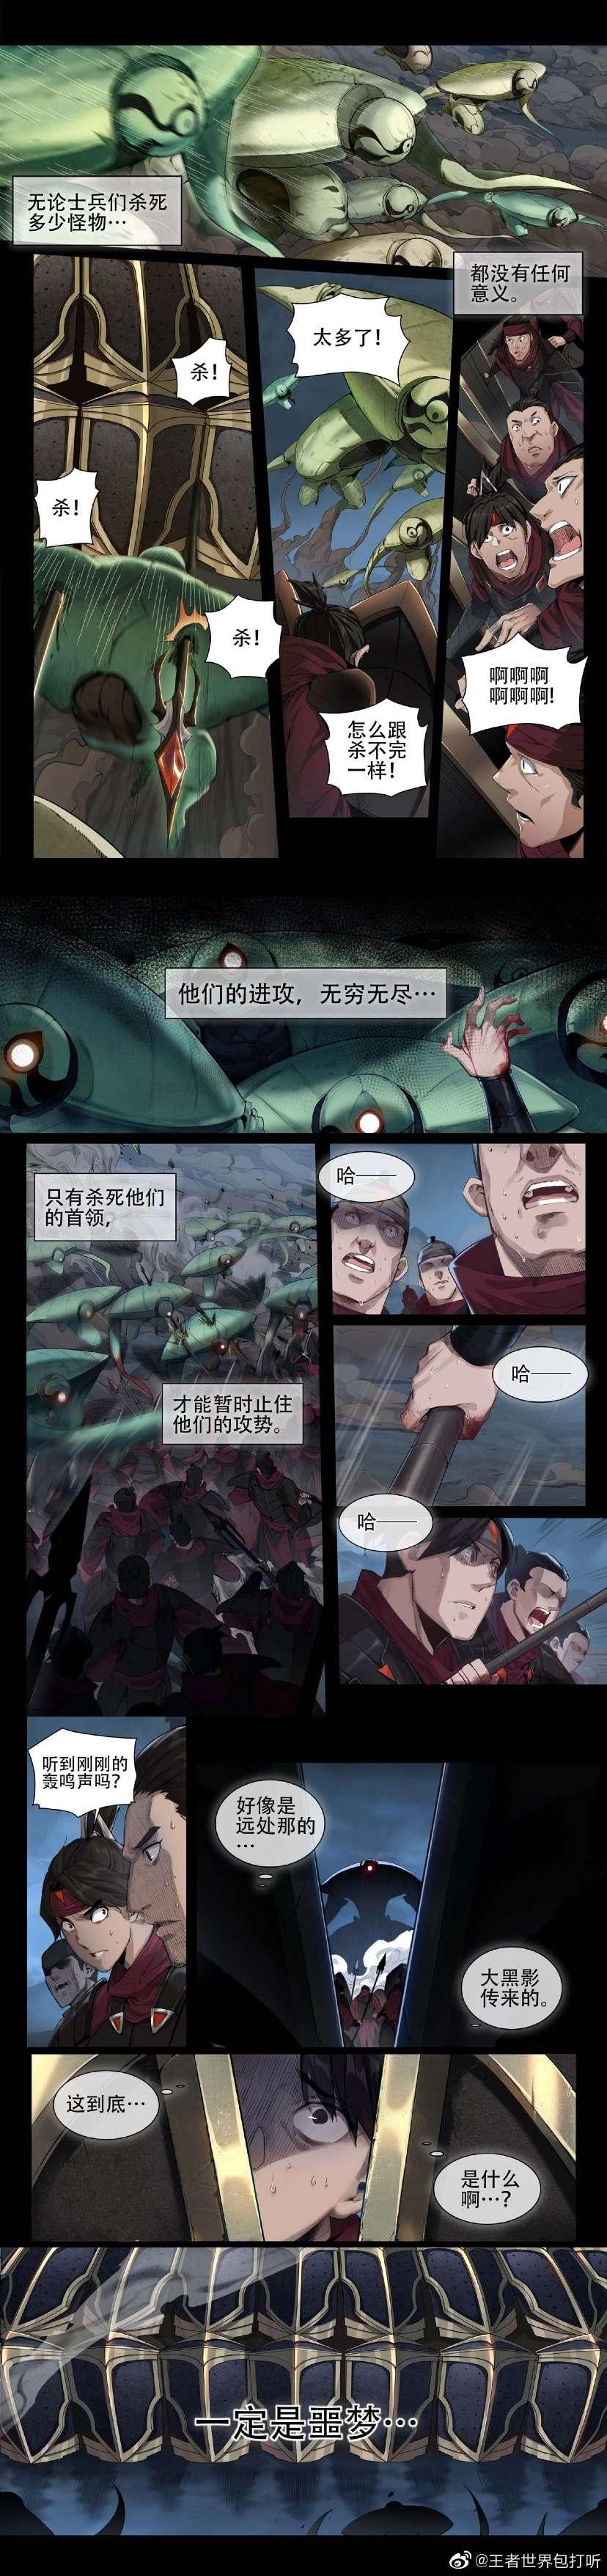 【漫画更新】王者荣耀英雄志,第36话:破镜之刃:镜